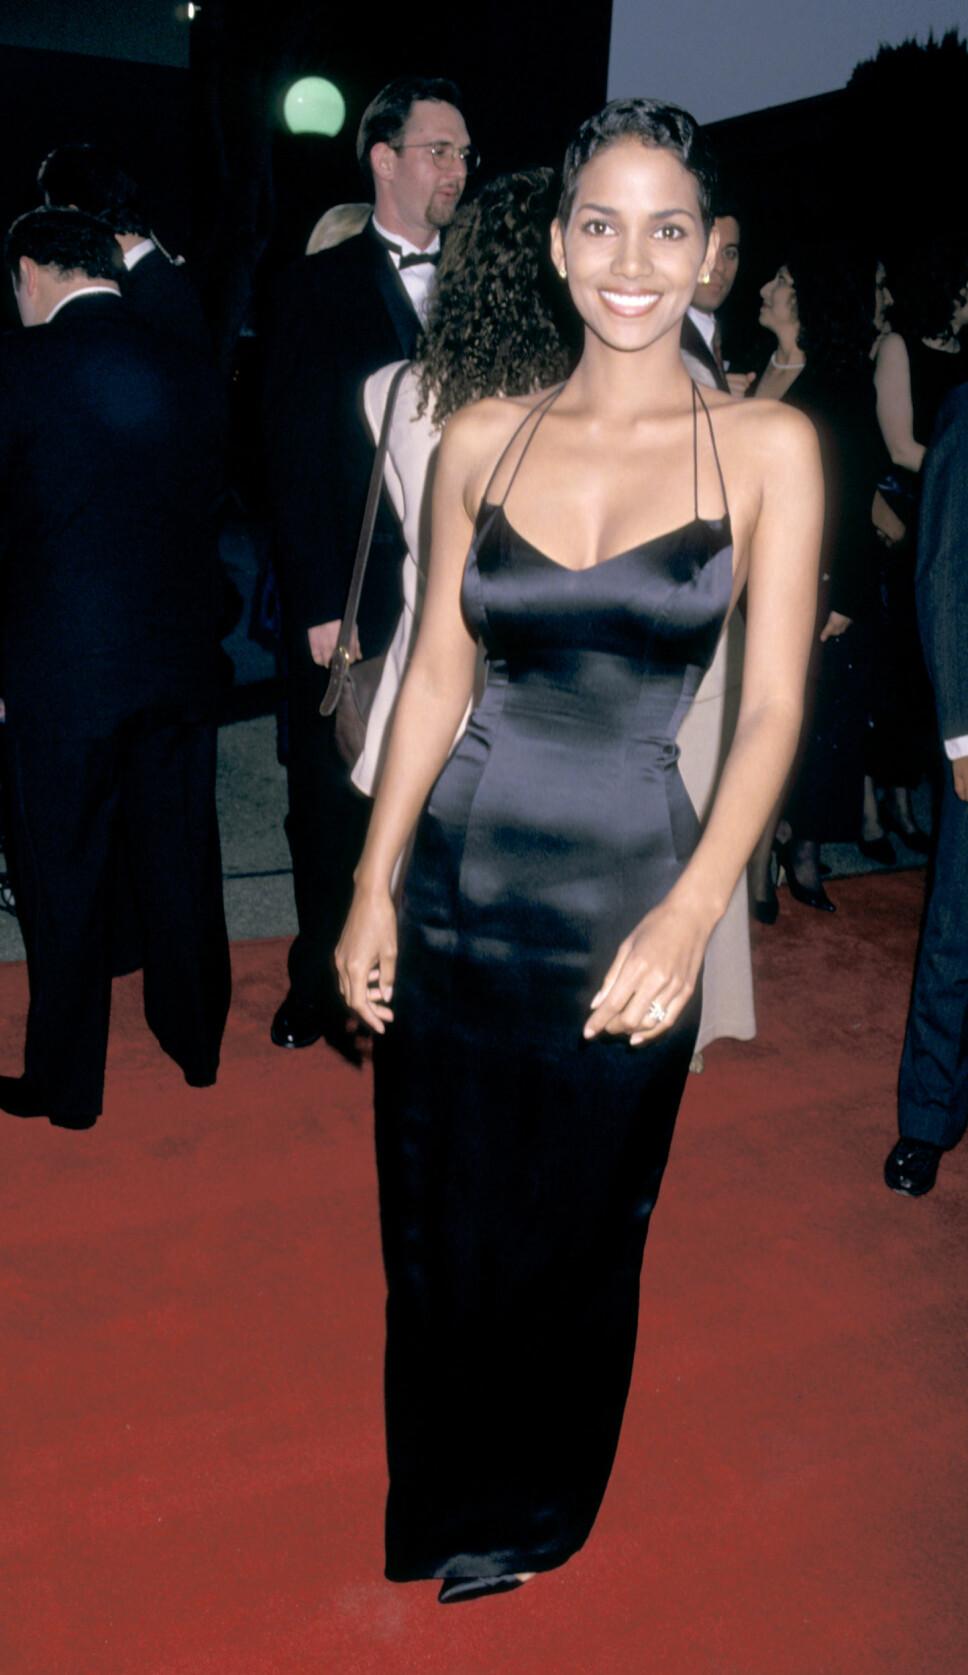 VAKKER: Halle Berry fikk mye oppmerksomhet for satengkjolen hun hadde på den røde løperen under Sag Awards i 1995.